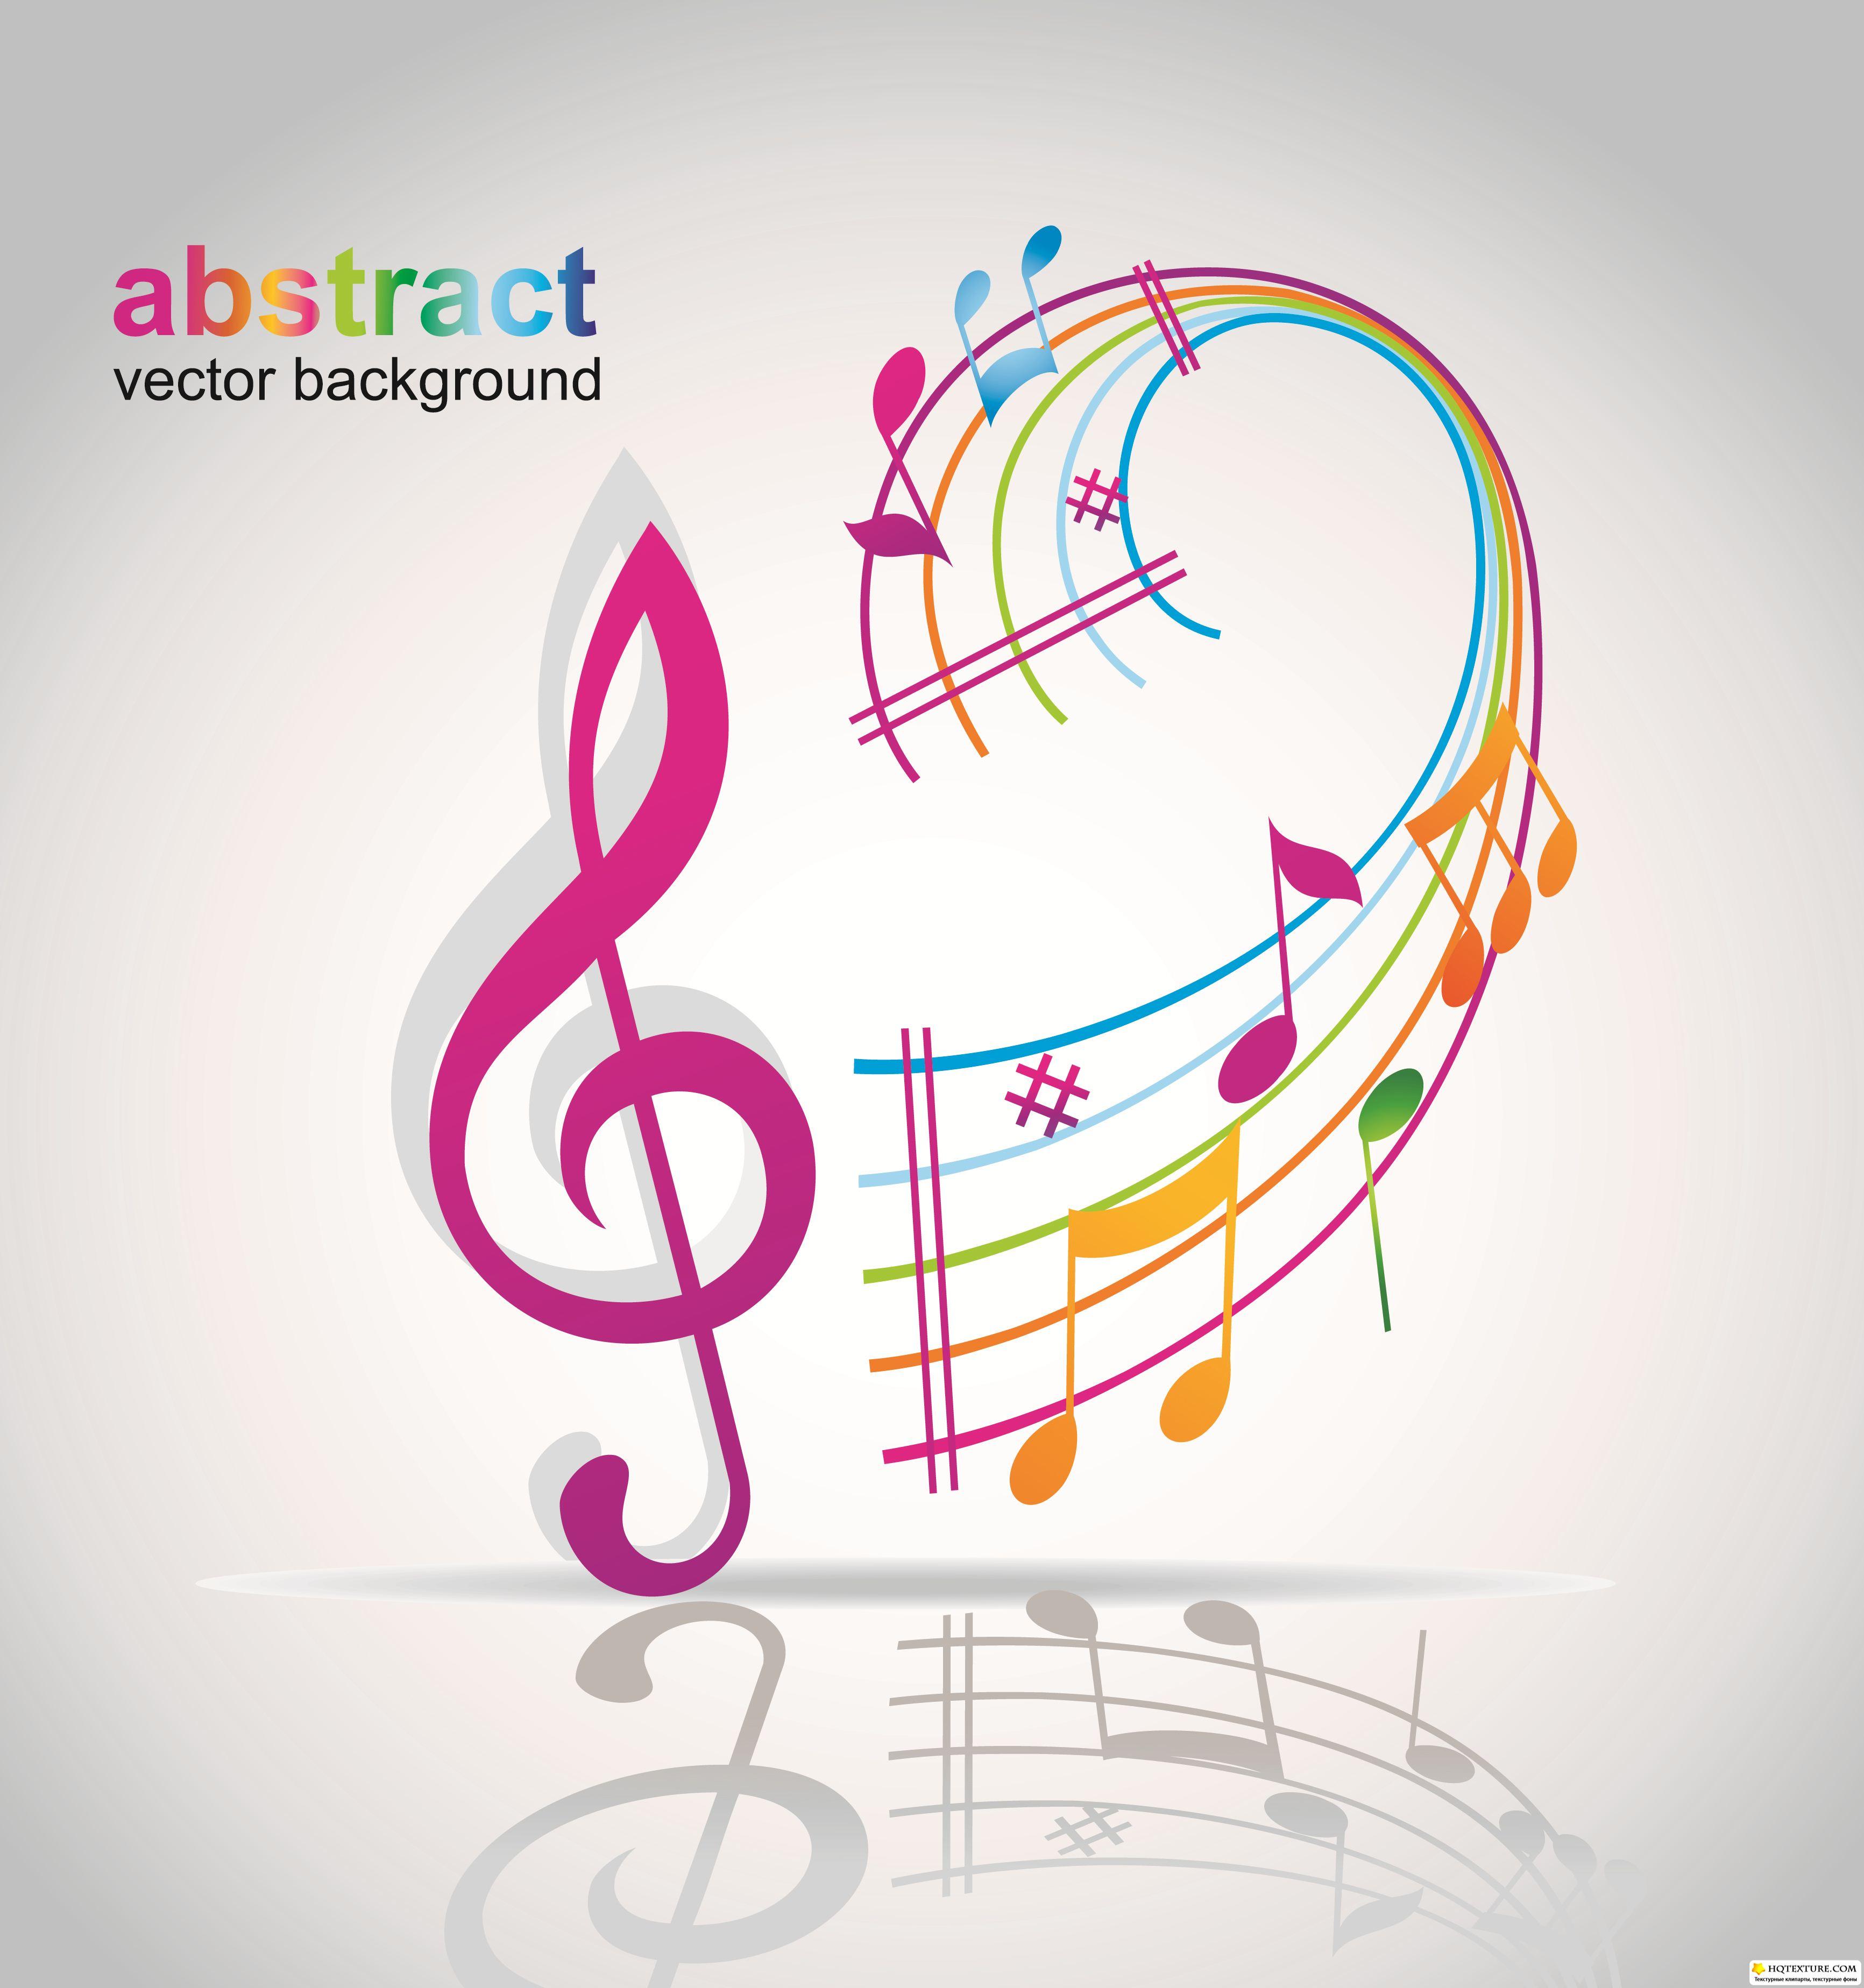 Музыкальный вектор - ноты, скрипичный ключ, нотный стан, знаки